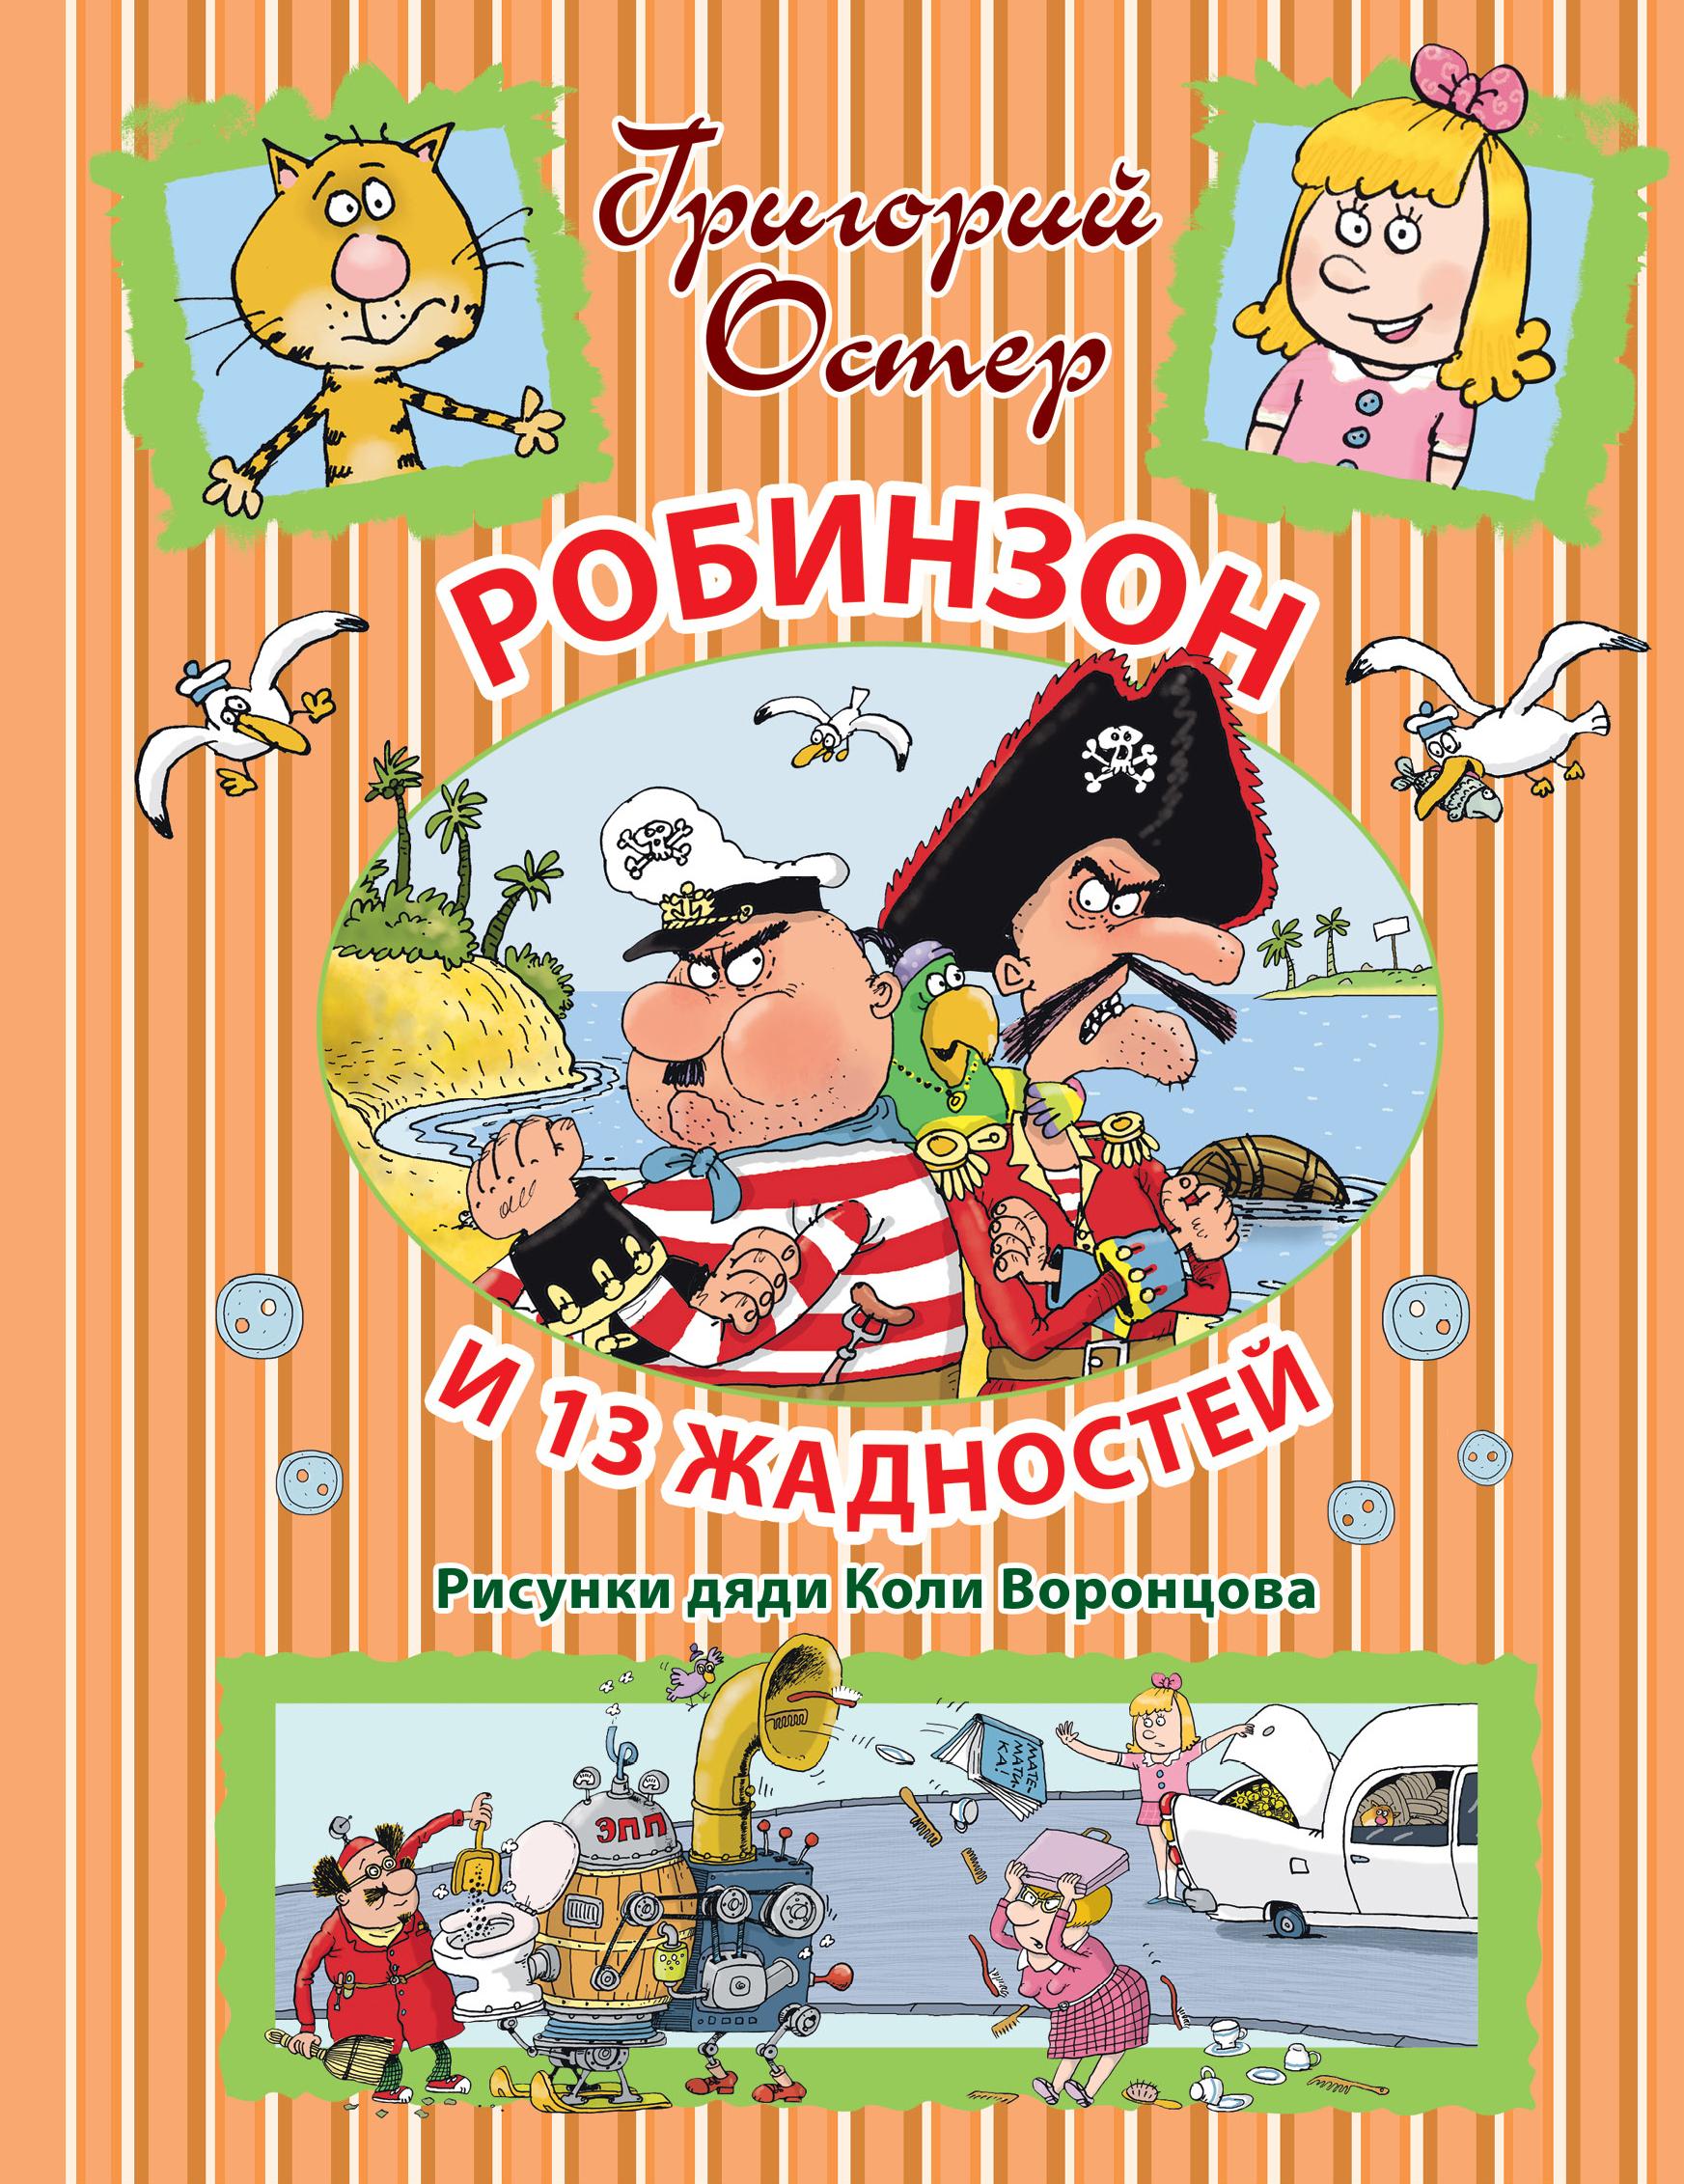 Григорий Остер Робинзон и 13 жадностей издательство аст робинзон и тринадцать жадностей